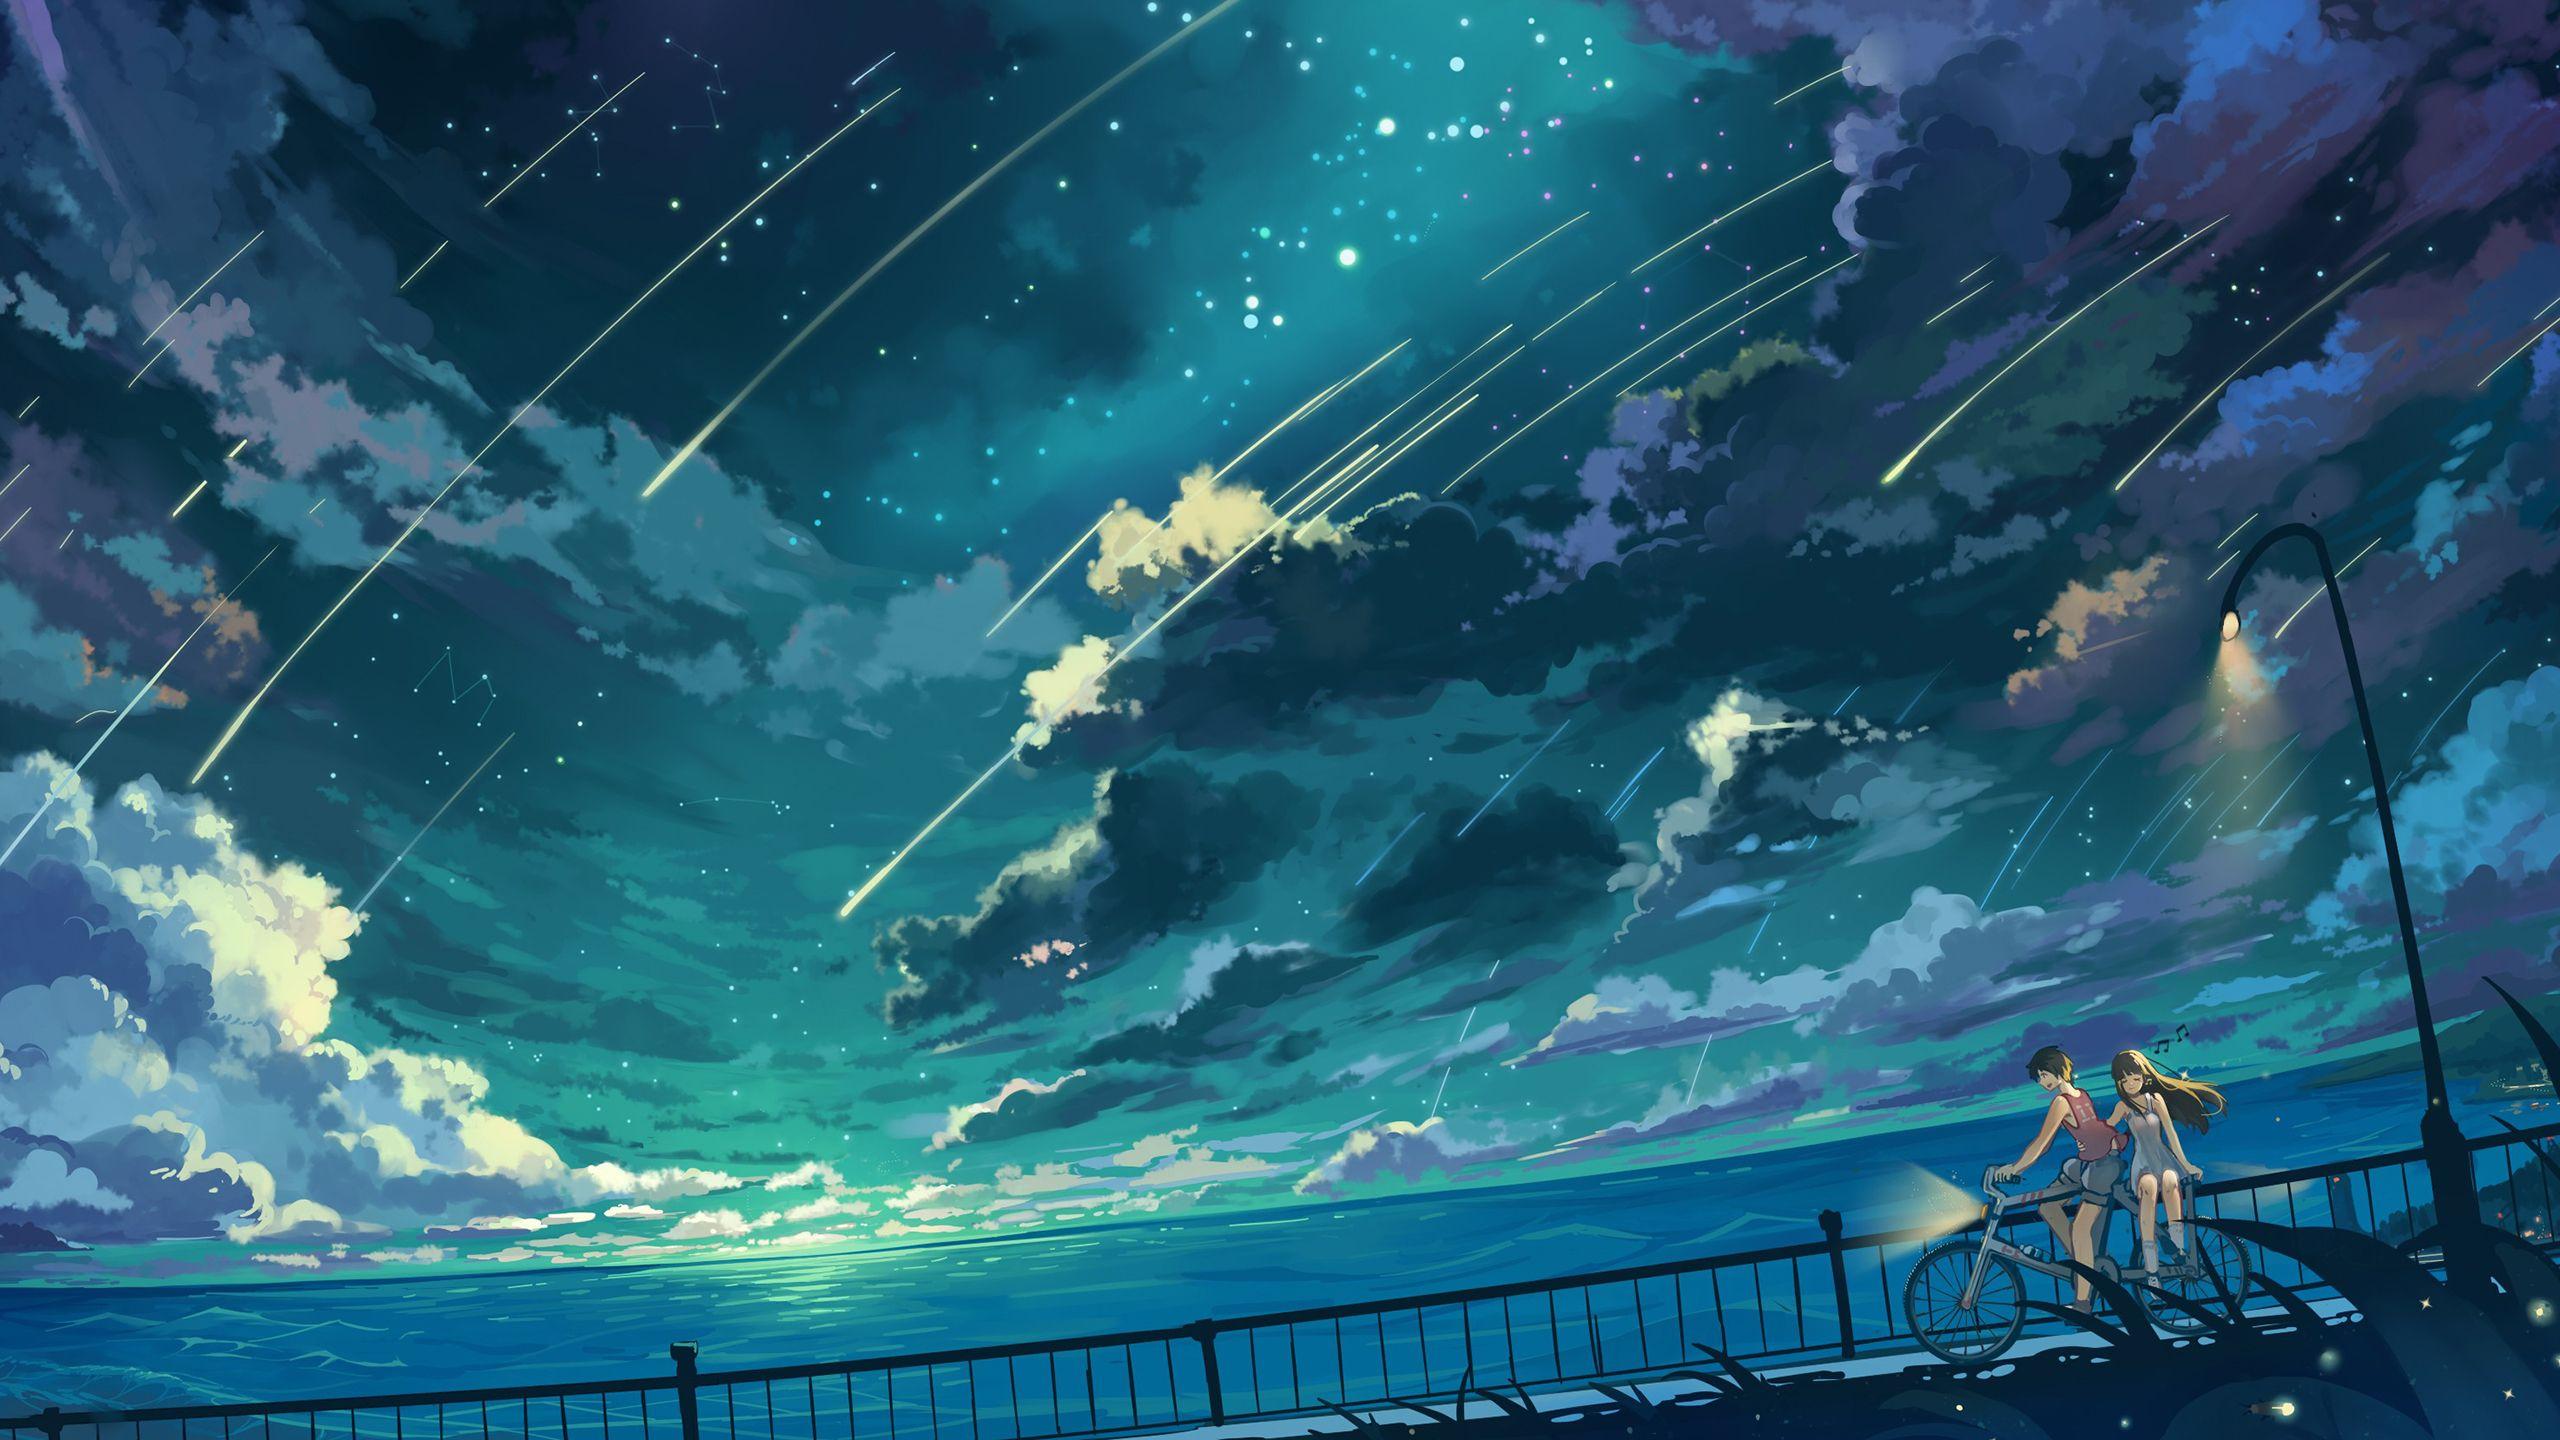 Hình nền 4k cho pc trong anime về tình yêu